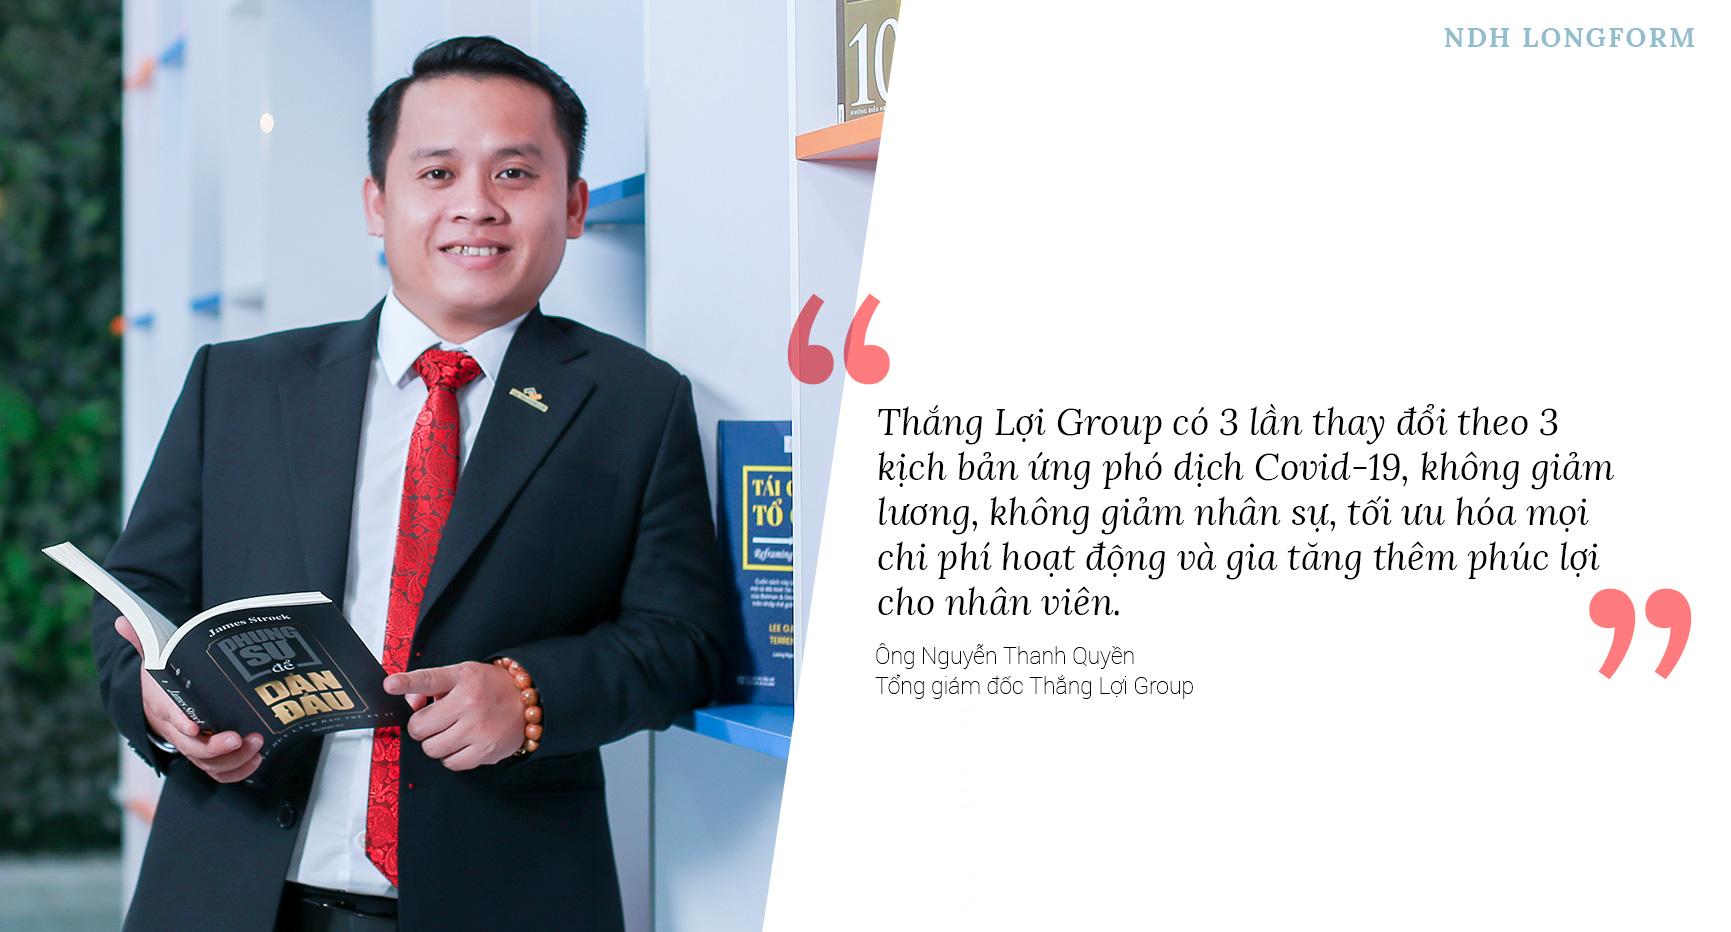 CEO Thắng Lợi Group: Vượt qua Covid-19 bằng cách đối mặt, dự kiến niêm yết HoSE giai đoạn 2021-2022